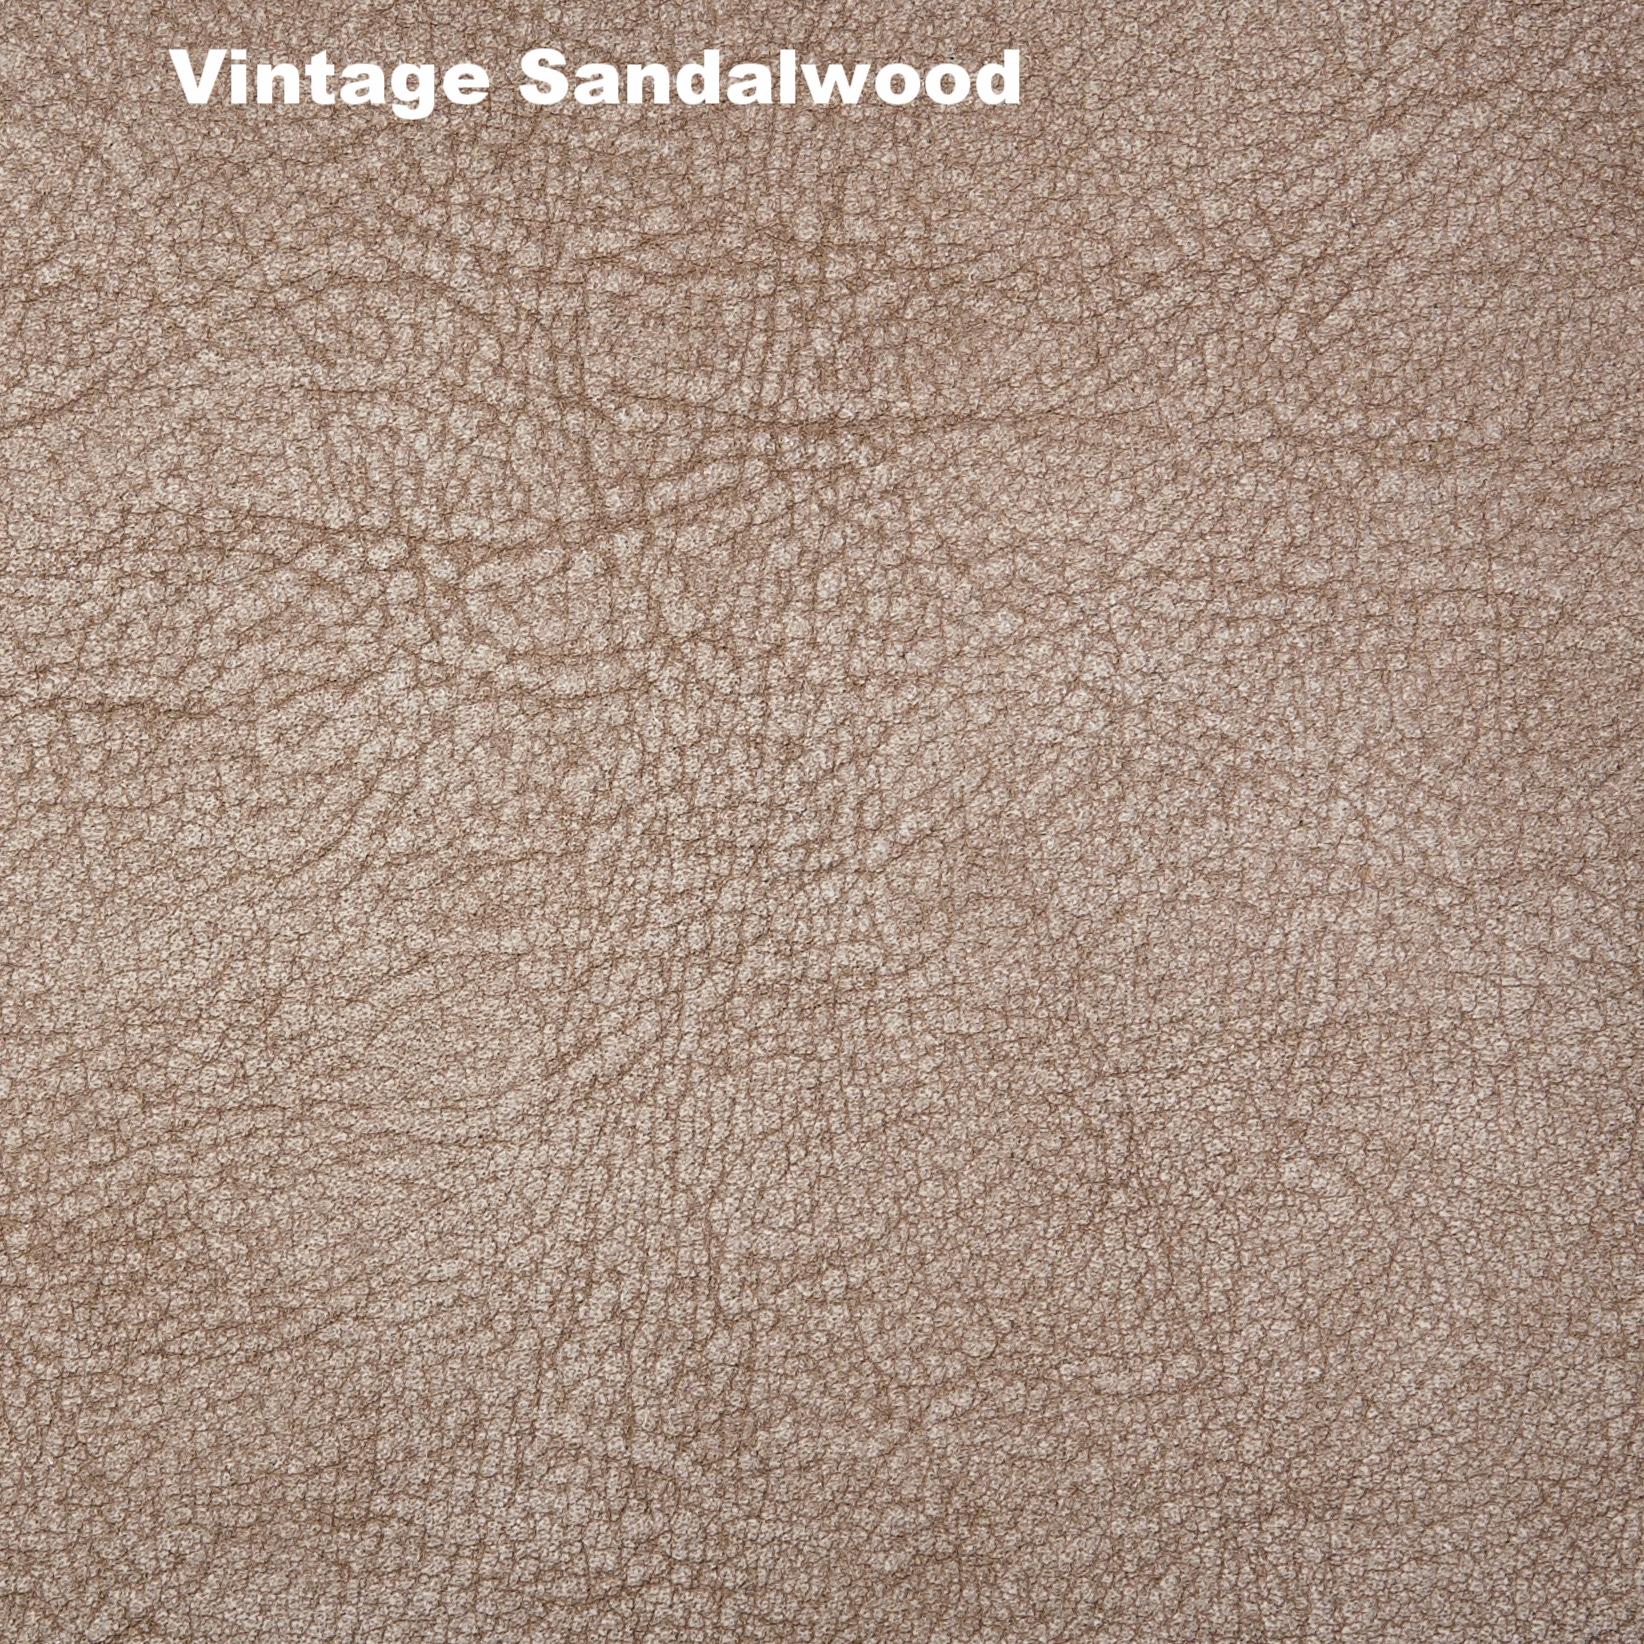 07_vintage_sandalwood.jpg